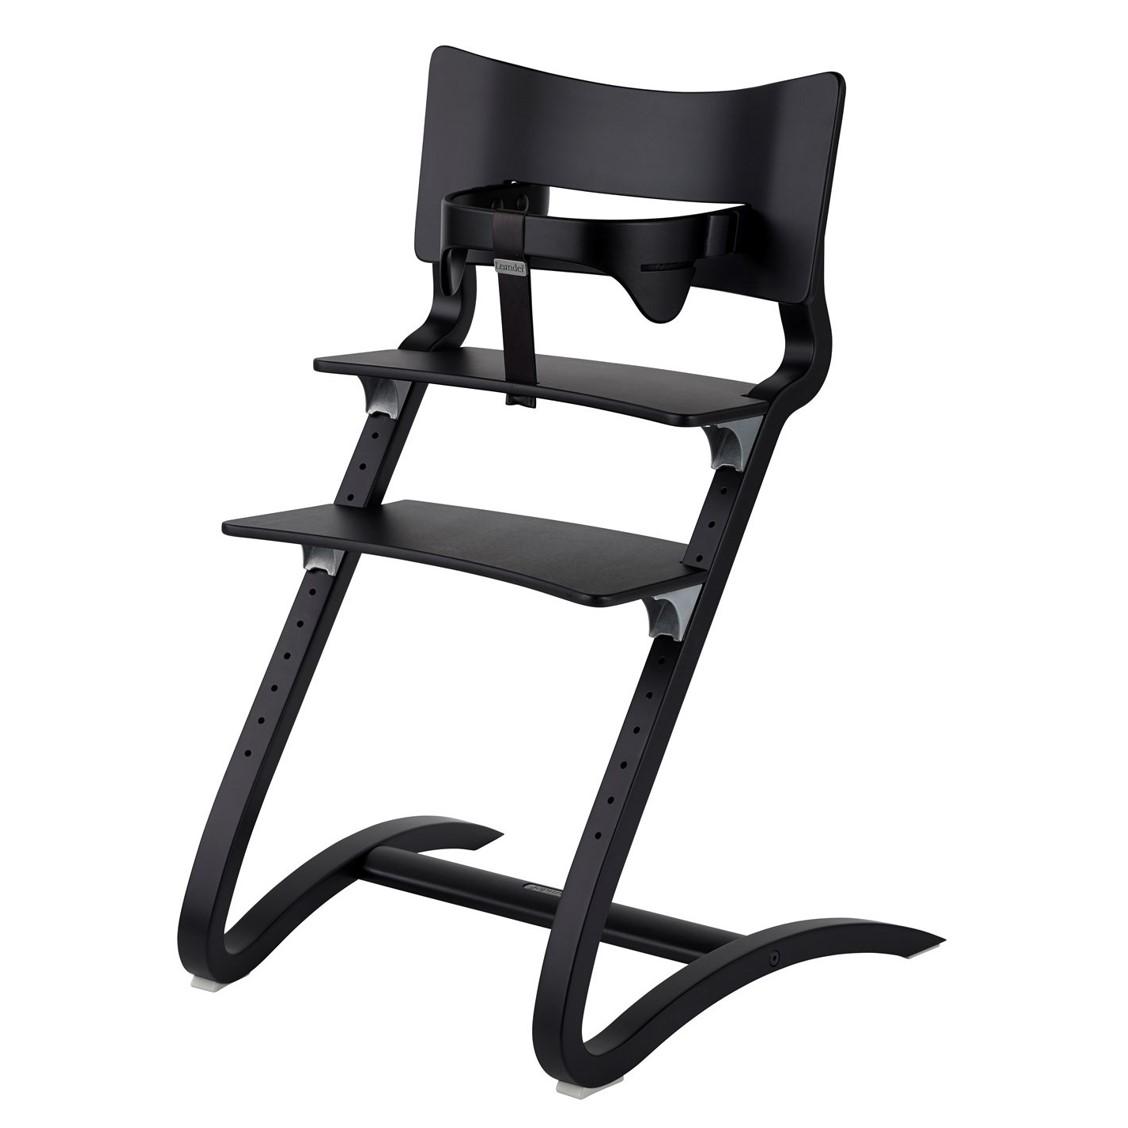 chaise haute evolutive avec arceau de securite noire